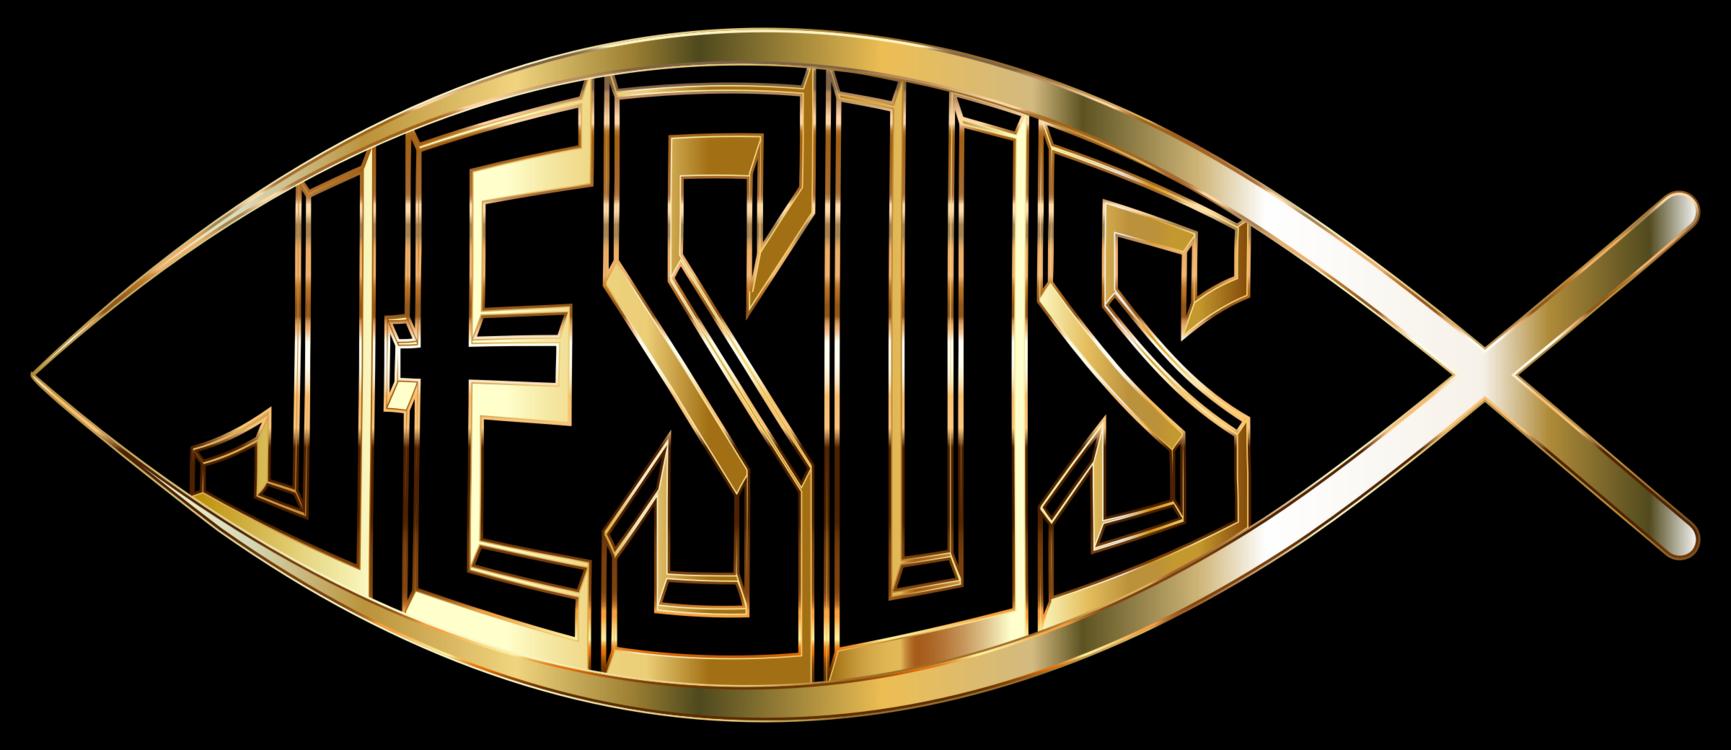 Emblem,Gold,Symbol